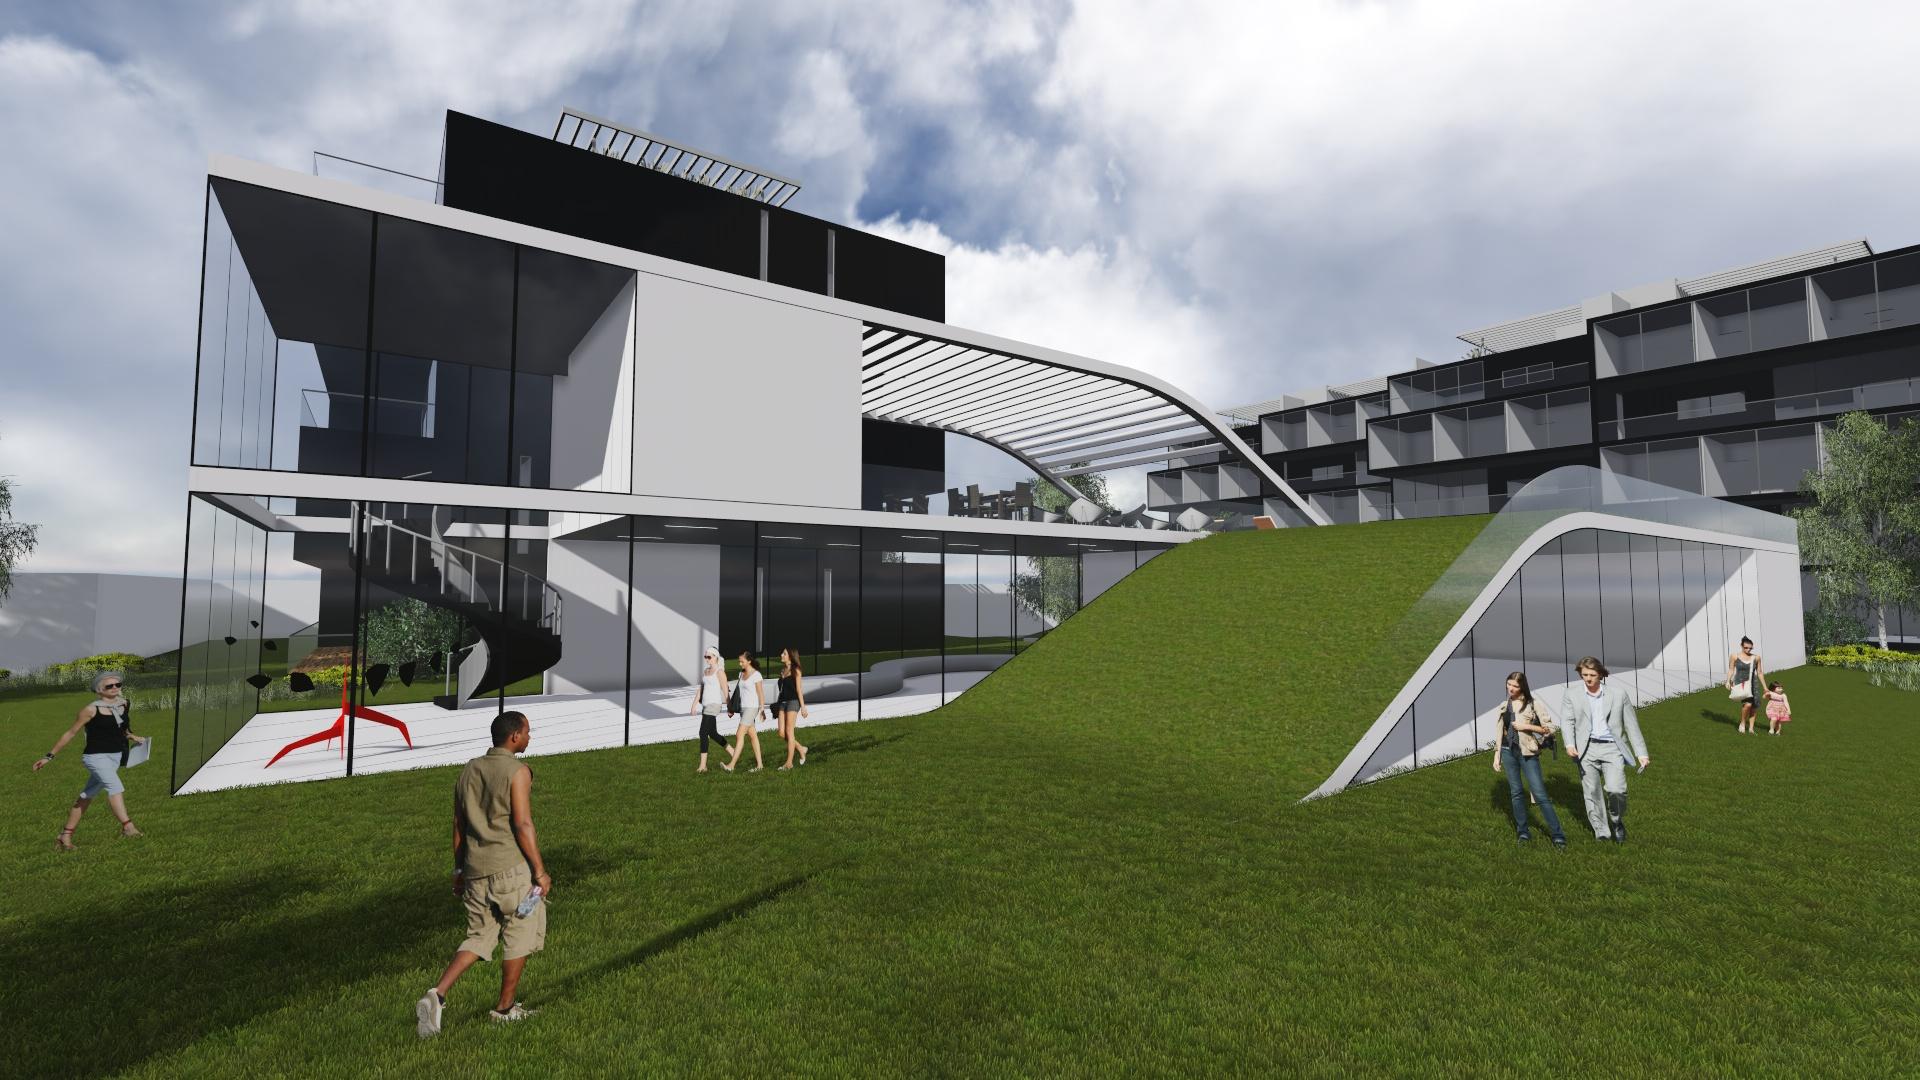 CH-club house / MEGA arquitectura